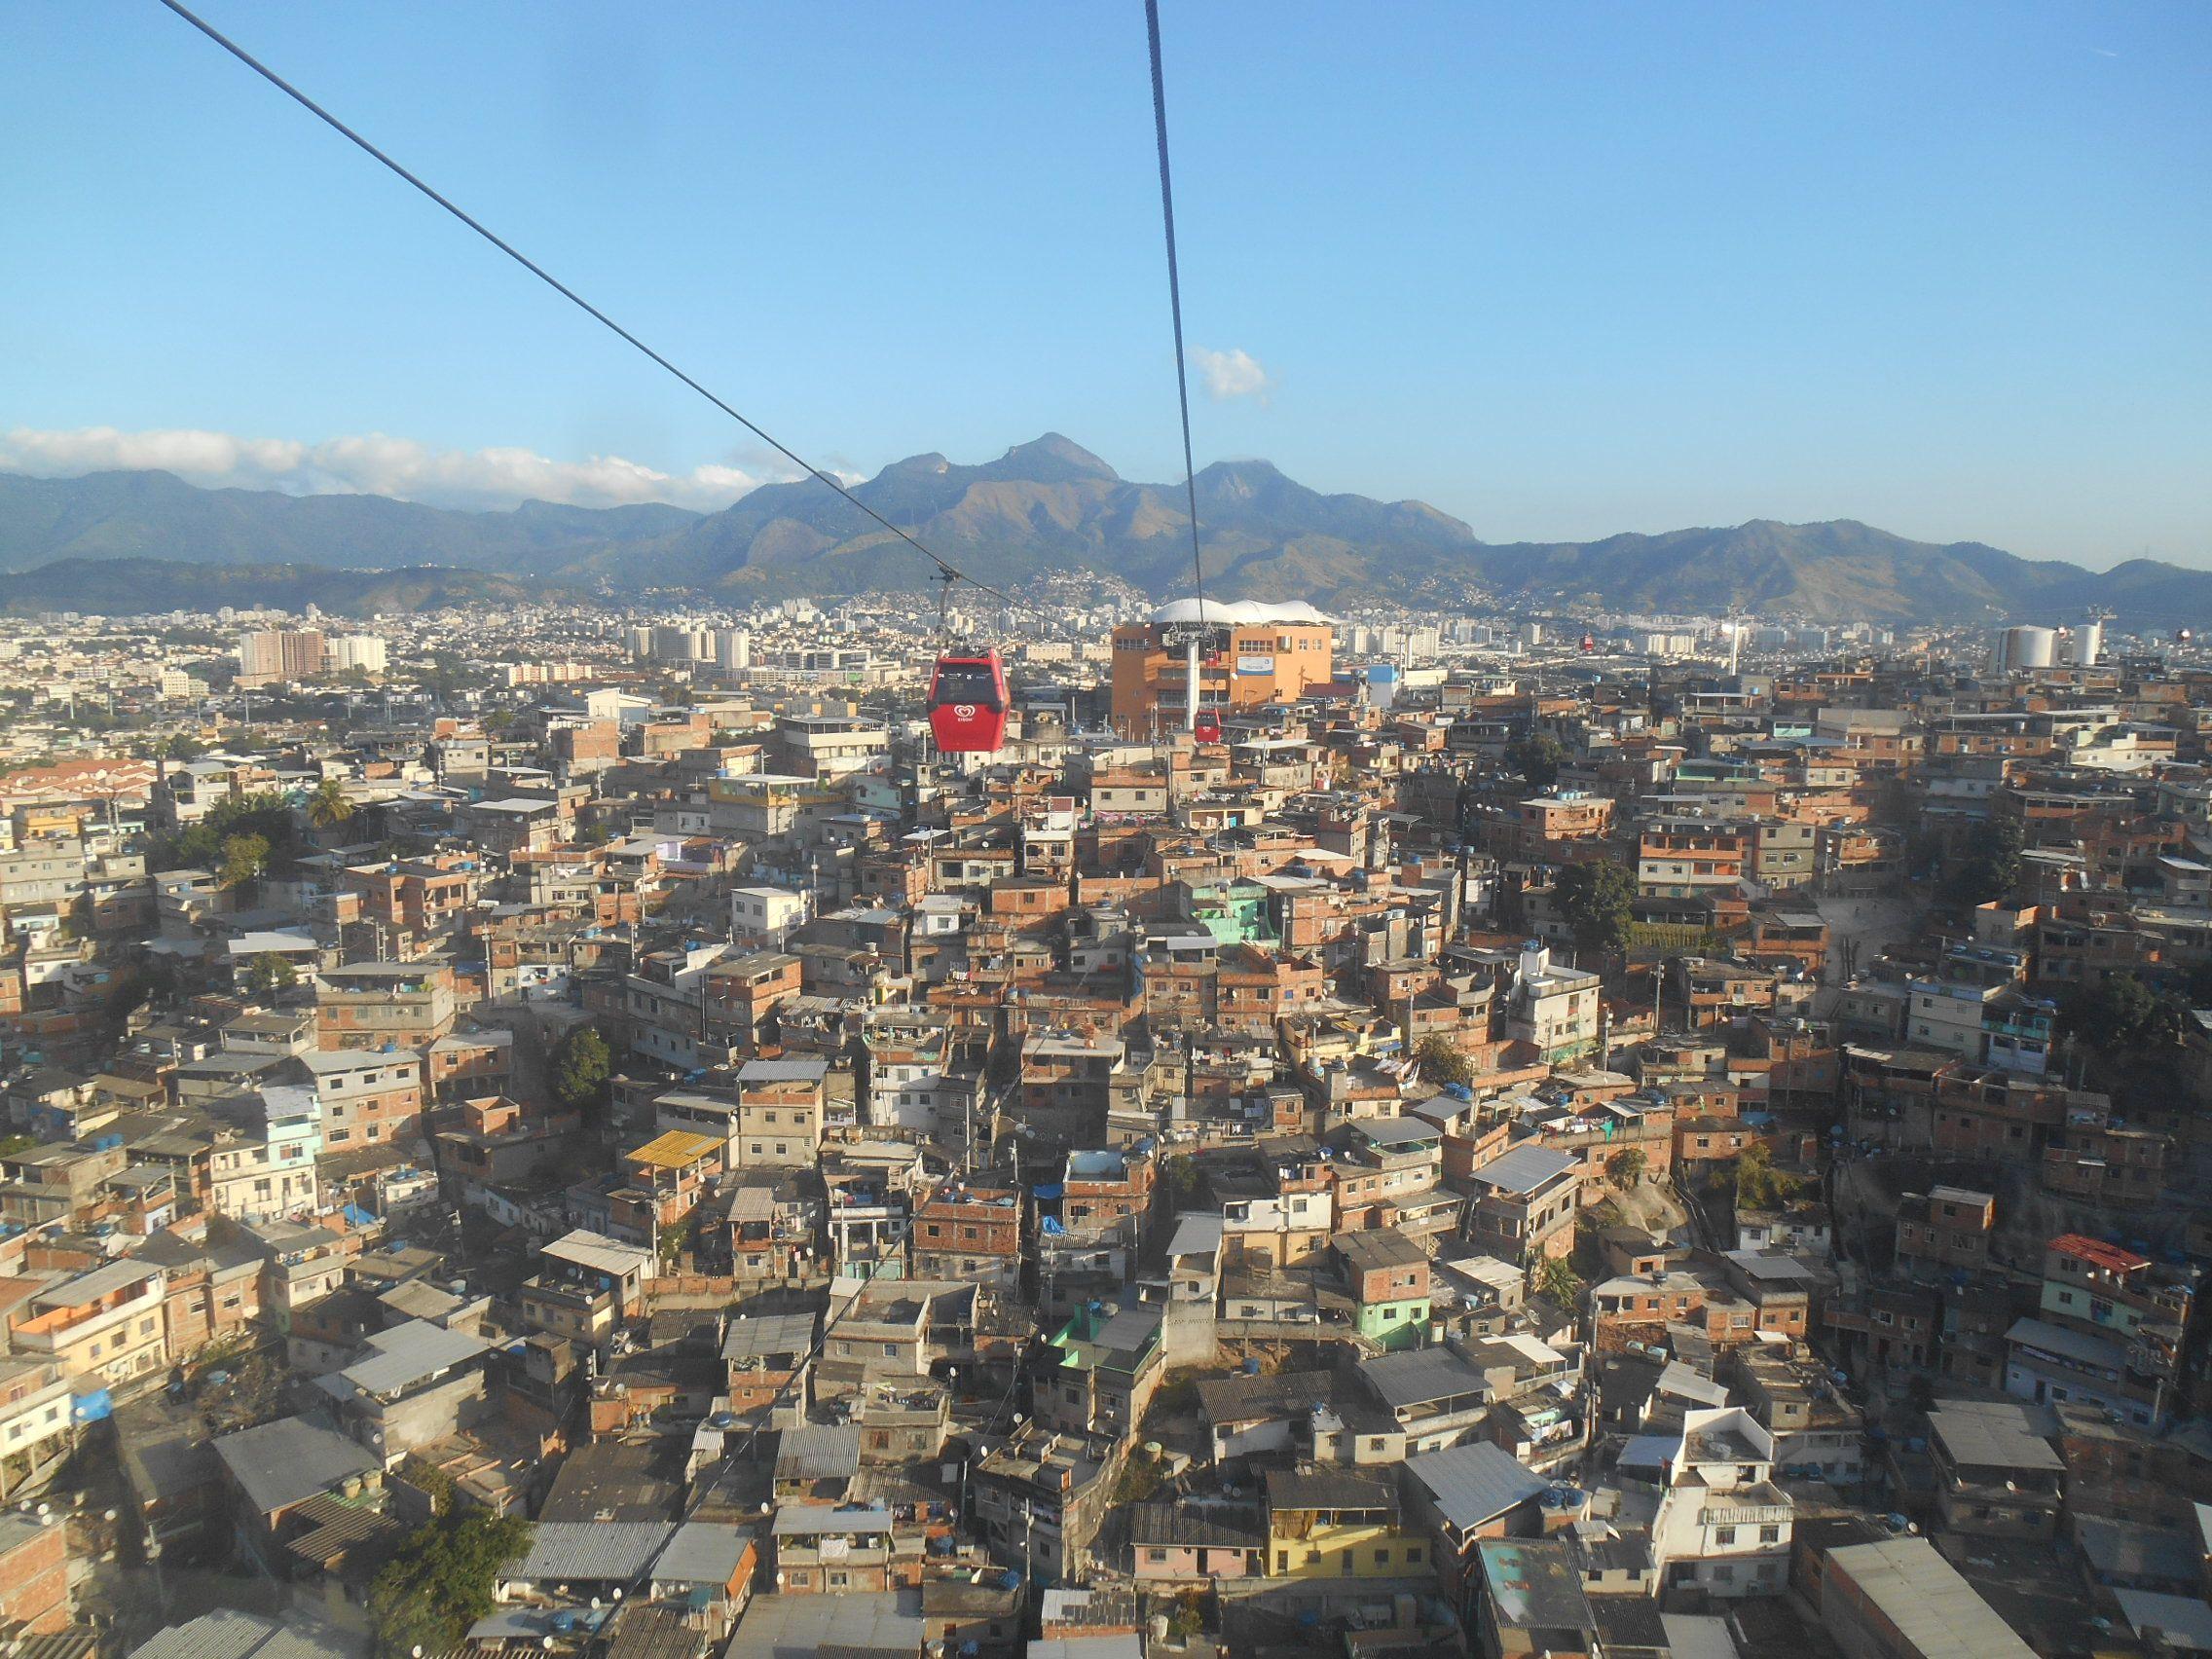 La Favela do Alemao à Rio de Janeiro au Brésil photo blog voyage tour du monde travel https://yoytourdumonde.fr